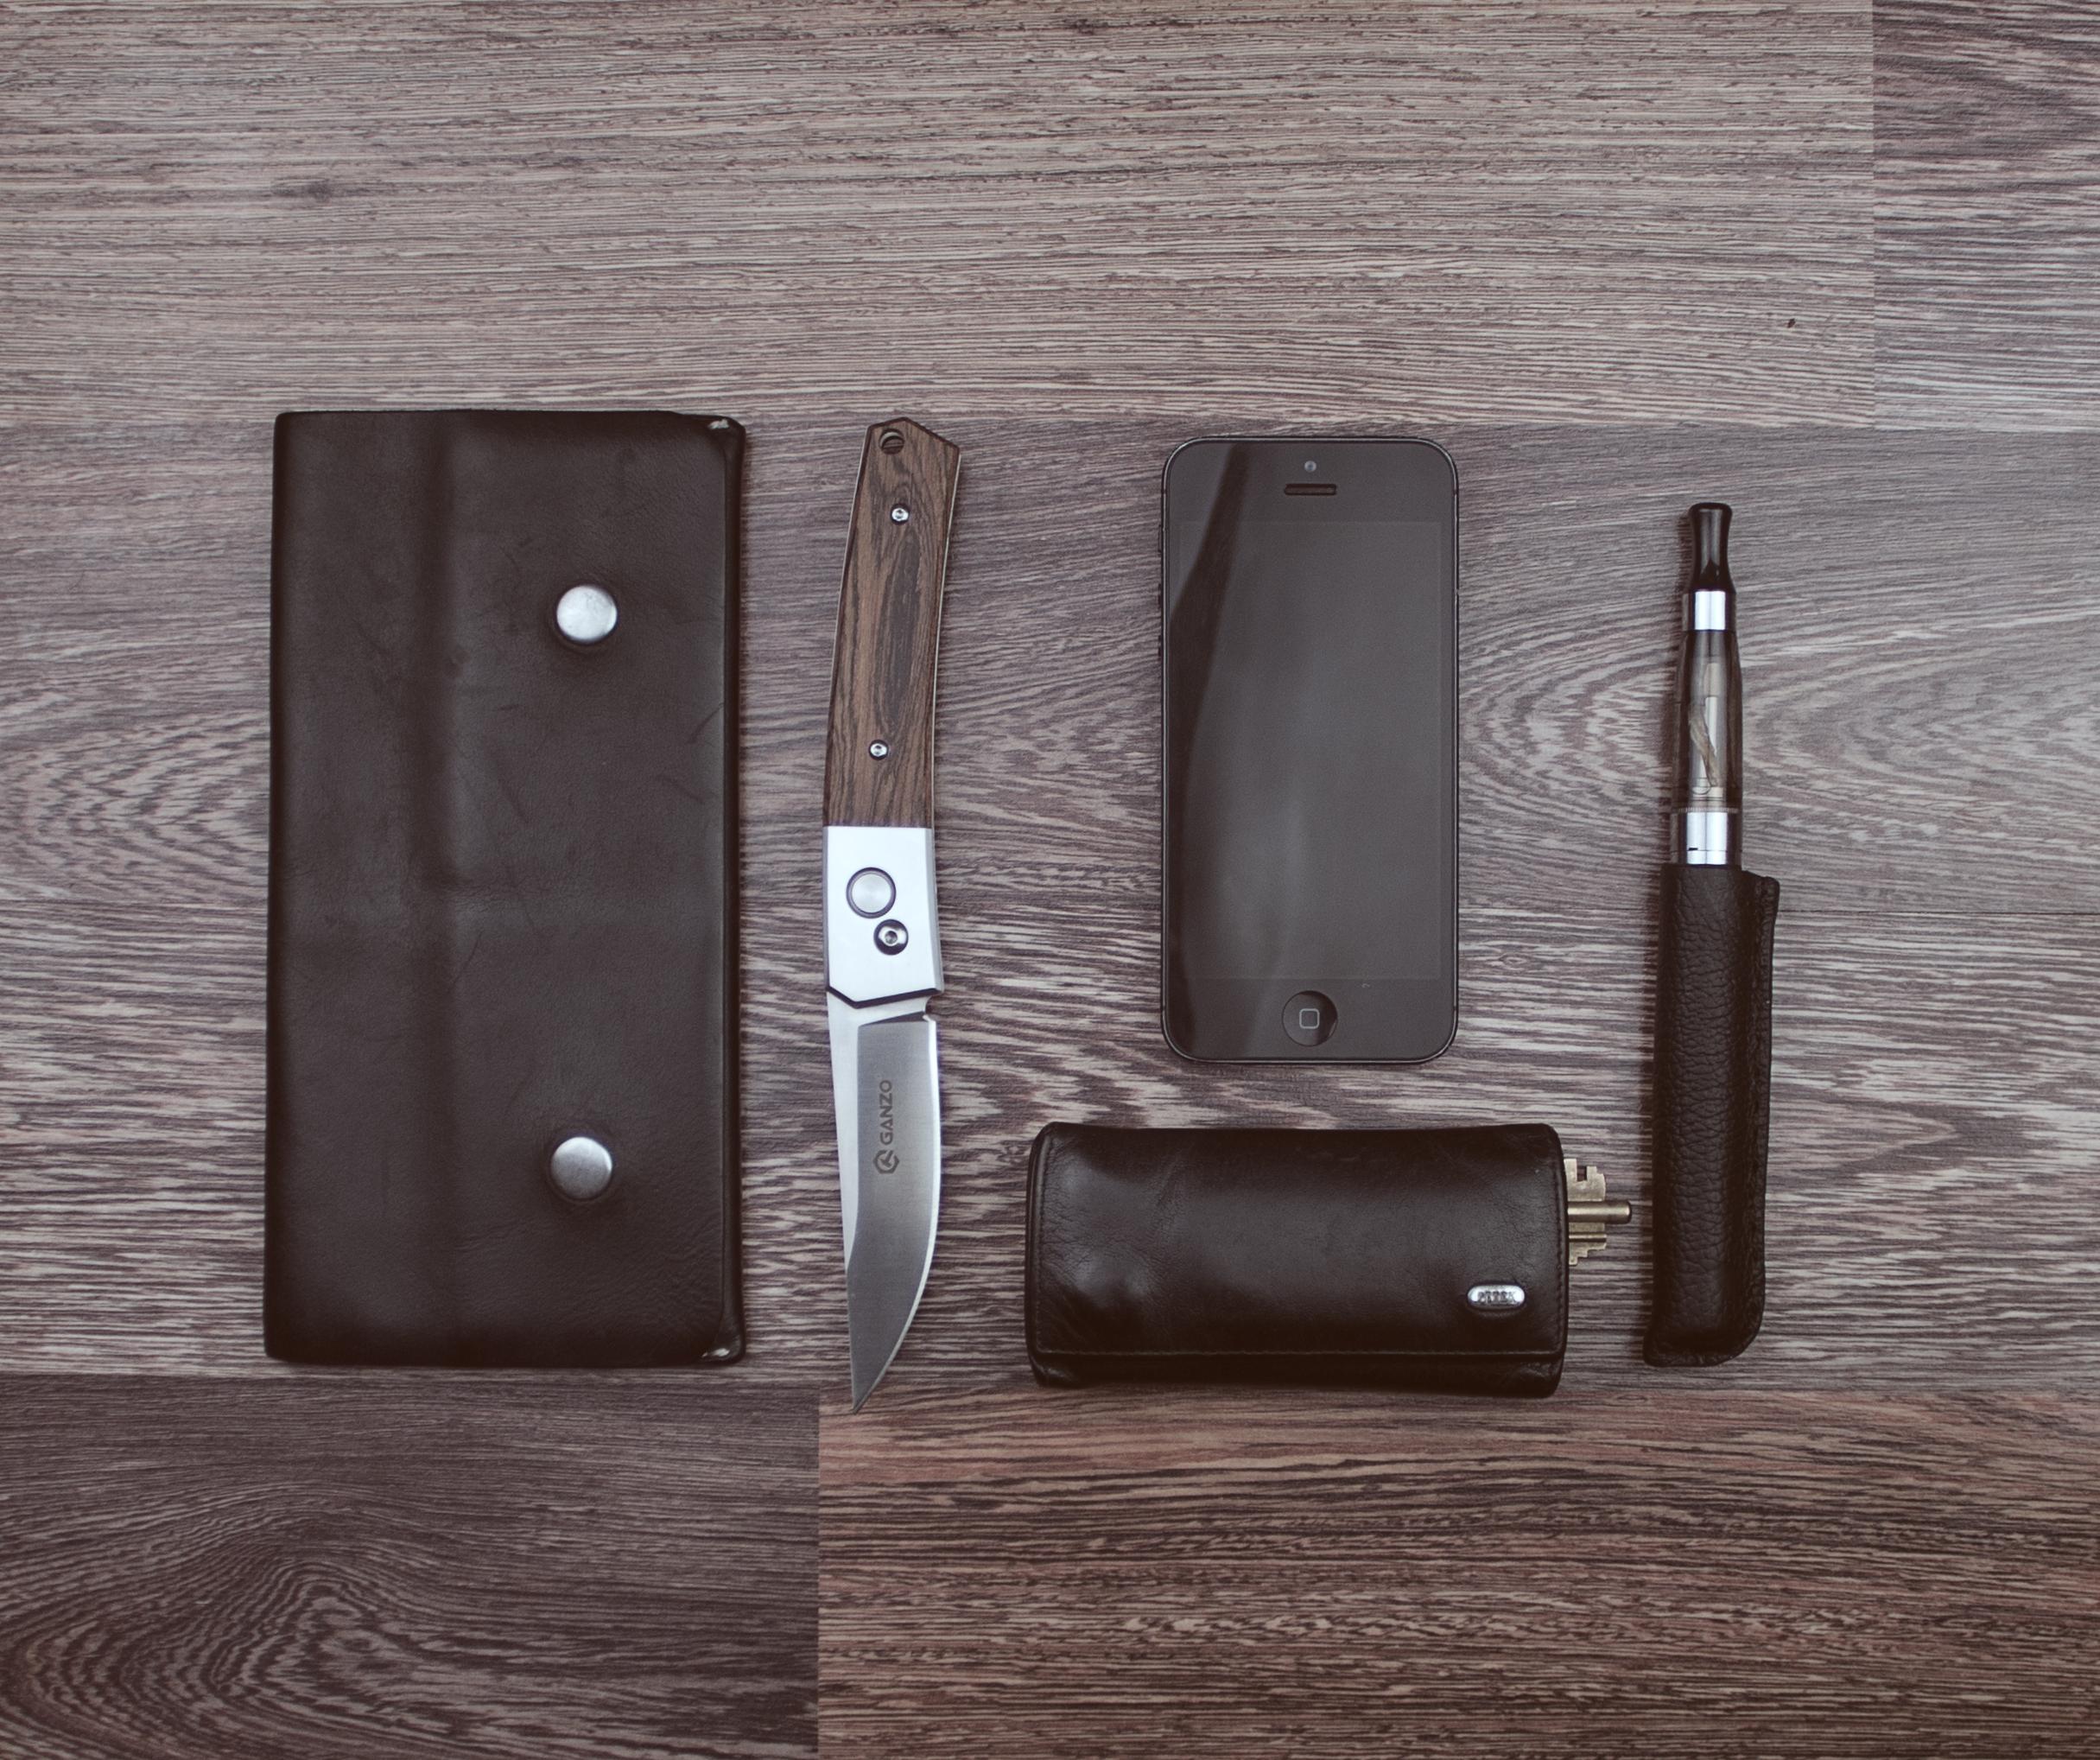 Stehlen Modern kostenlose foto smartphone schwarz und weiß holz leder stehlen